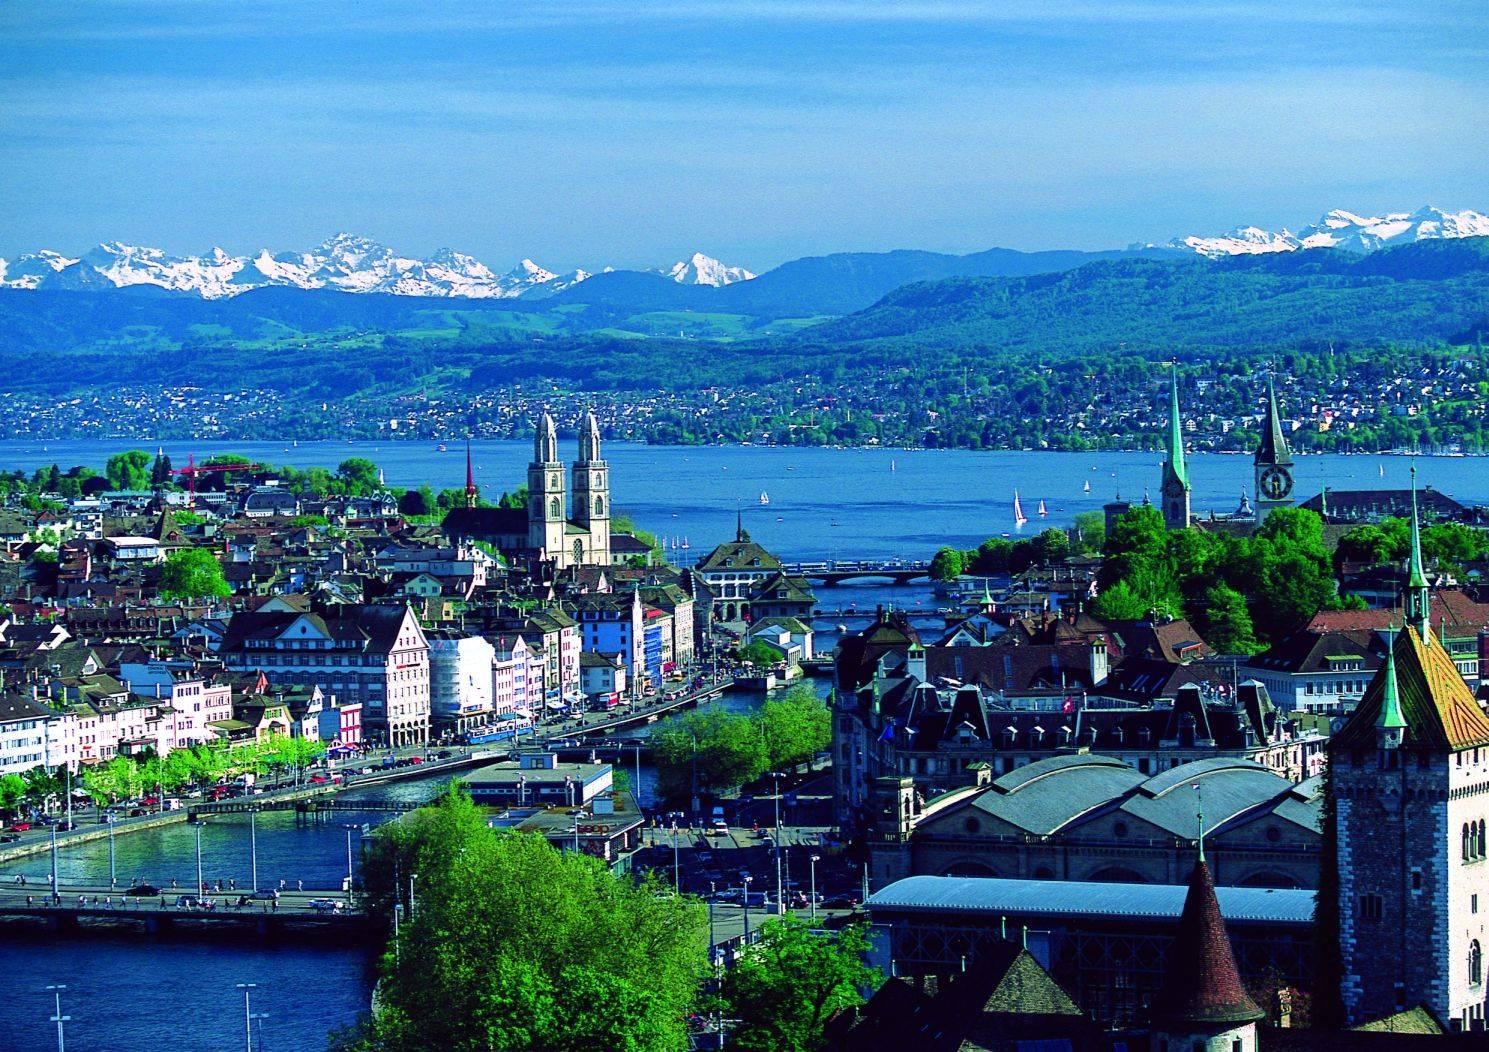 Ausztria-Liechtenstein-Svájc - szeptember (5 nap) Irányár: 84.900 Ft/fő